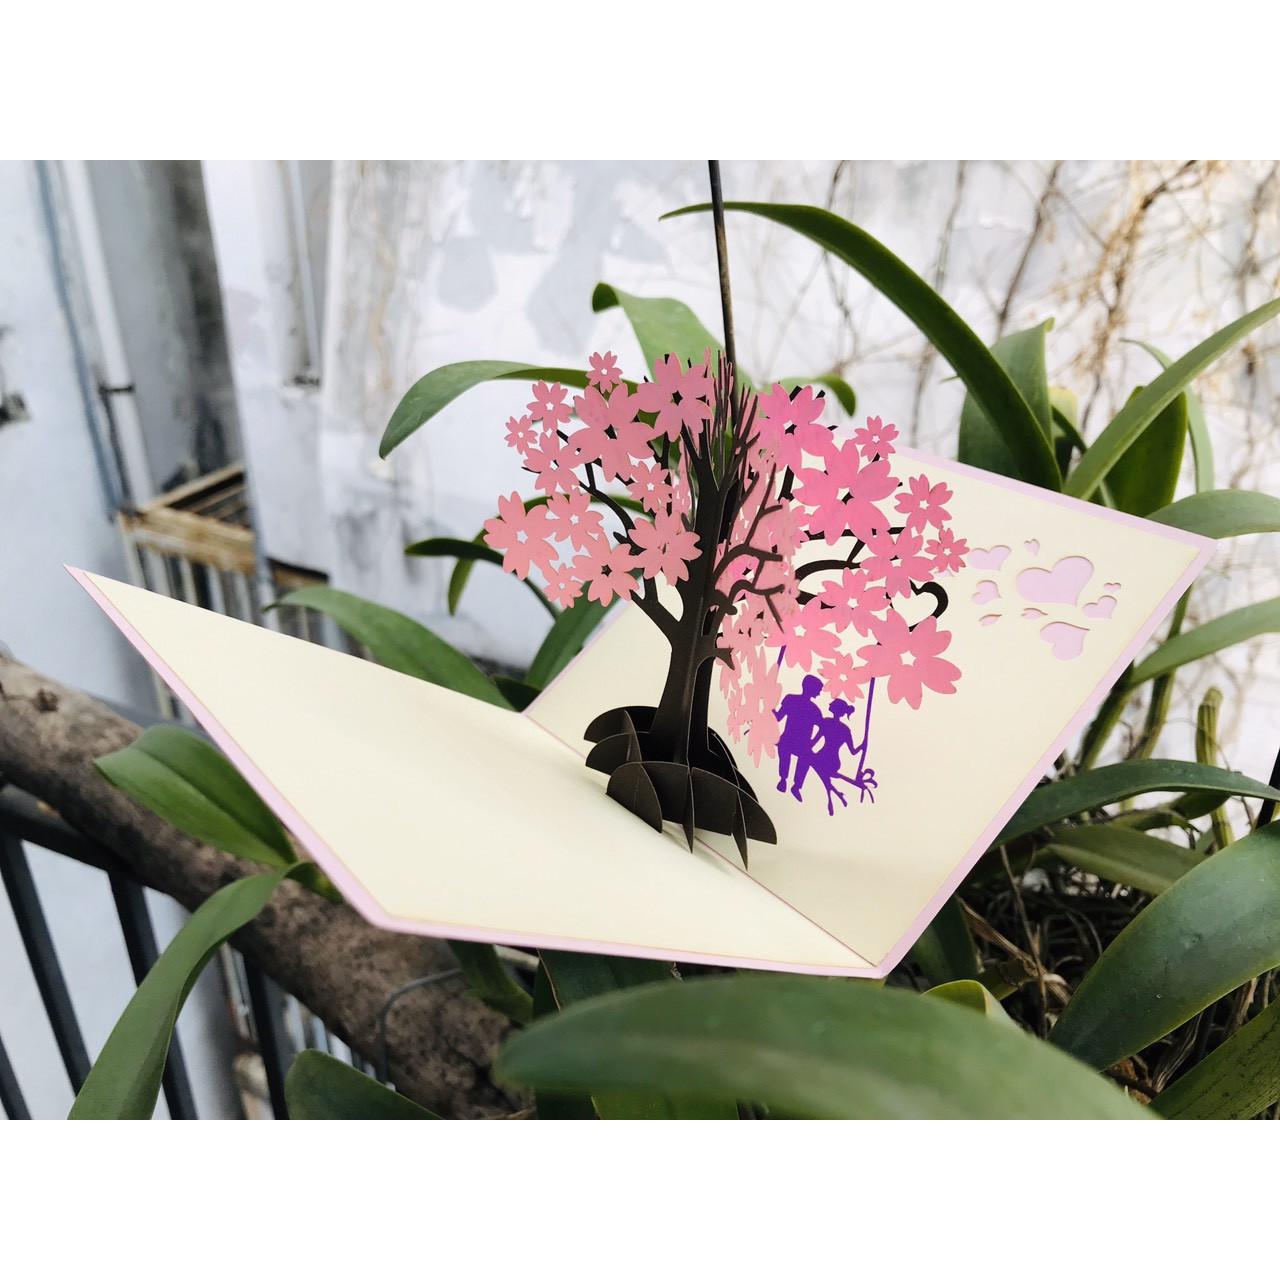 Thiệp 3D Hoa - Đôi ta bên hoa anh đào - NV48